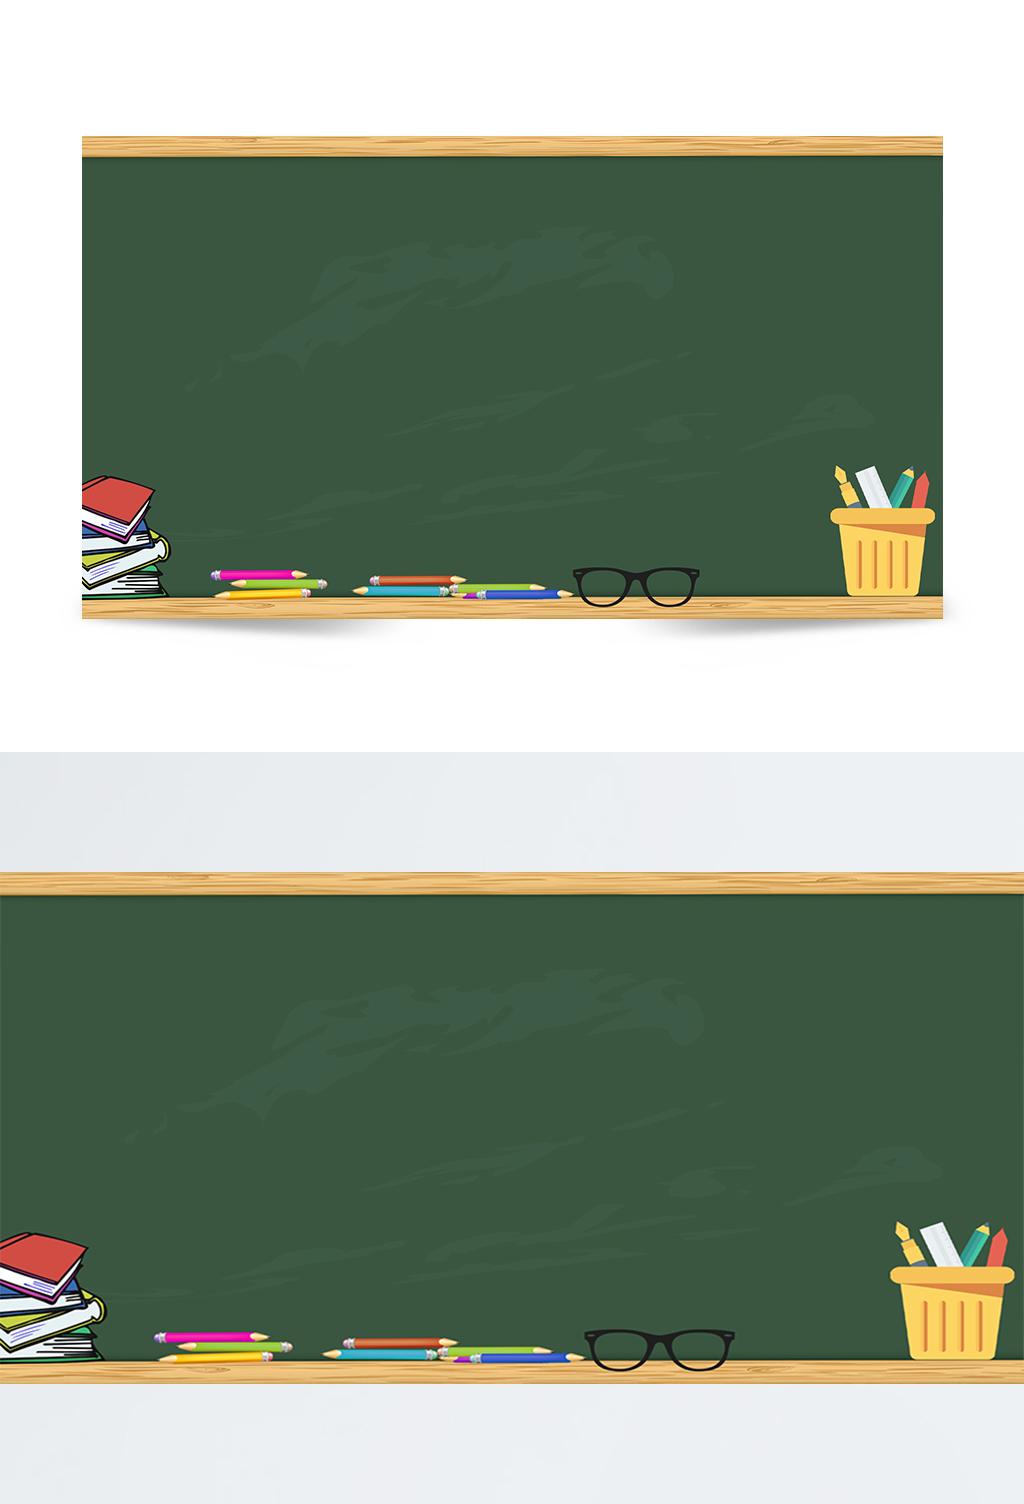 墨绿教育教室学习教师学生学校书籍文具简约卡通横版背景